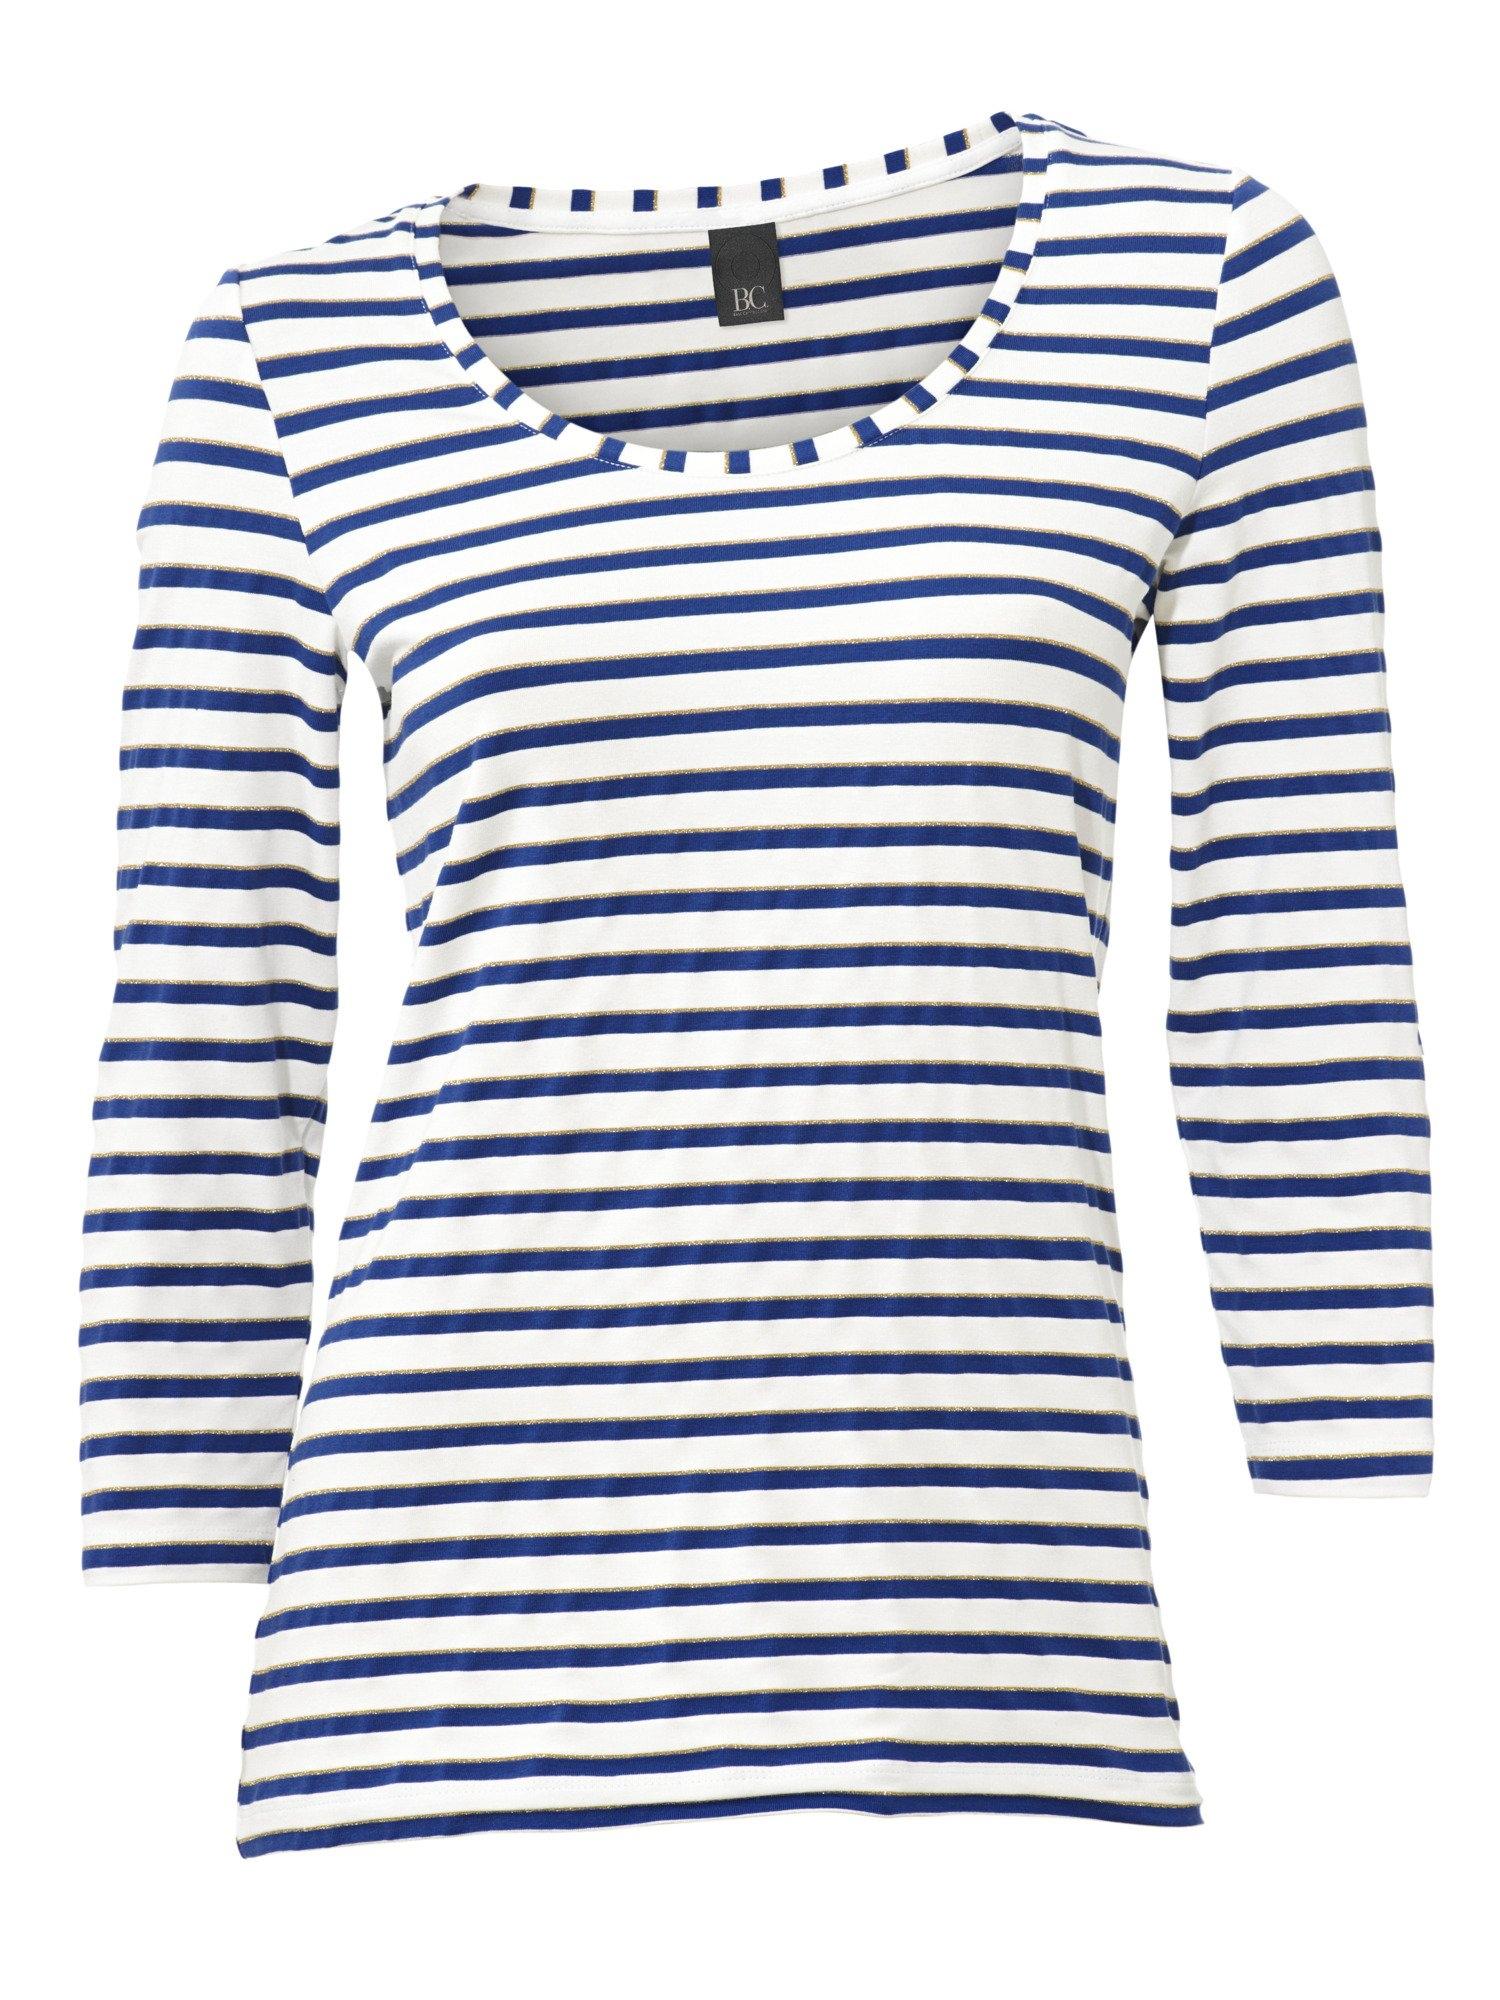 B.C. BEST CONNECTIONS by Heine Gestreept shirt nu online bestellen